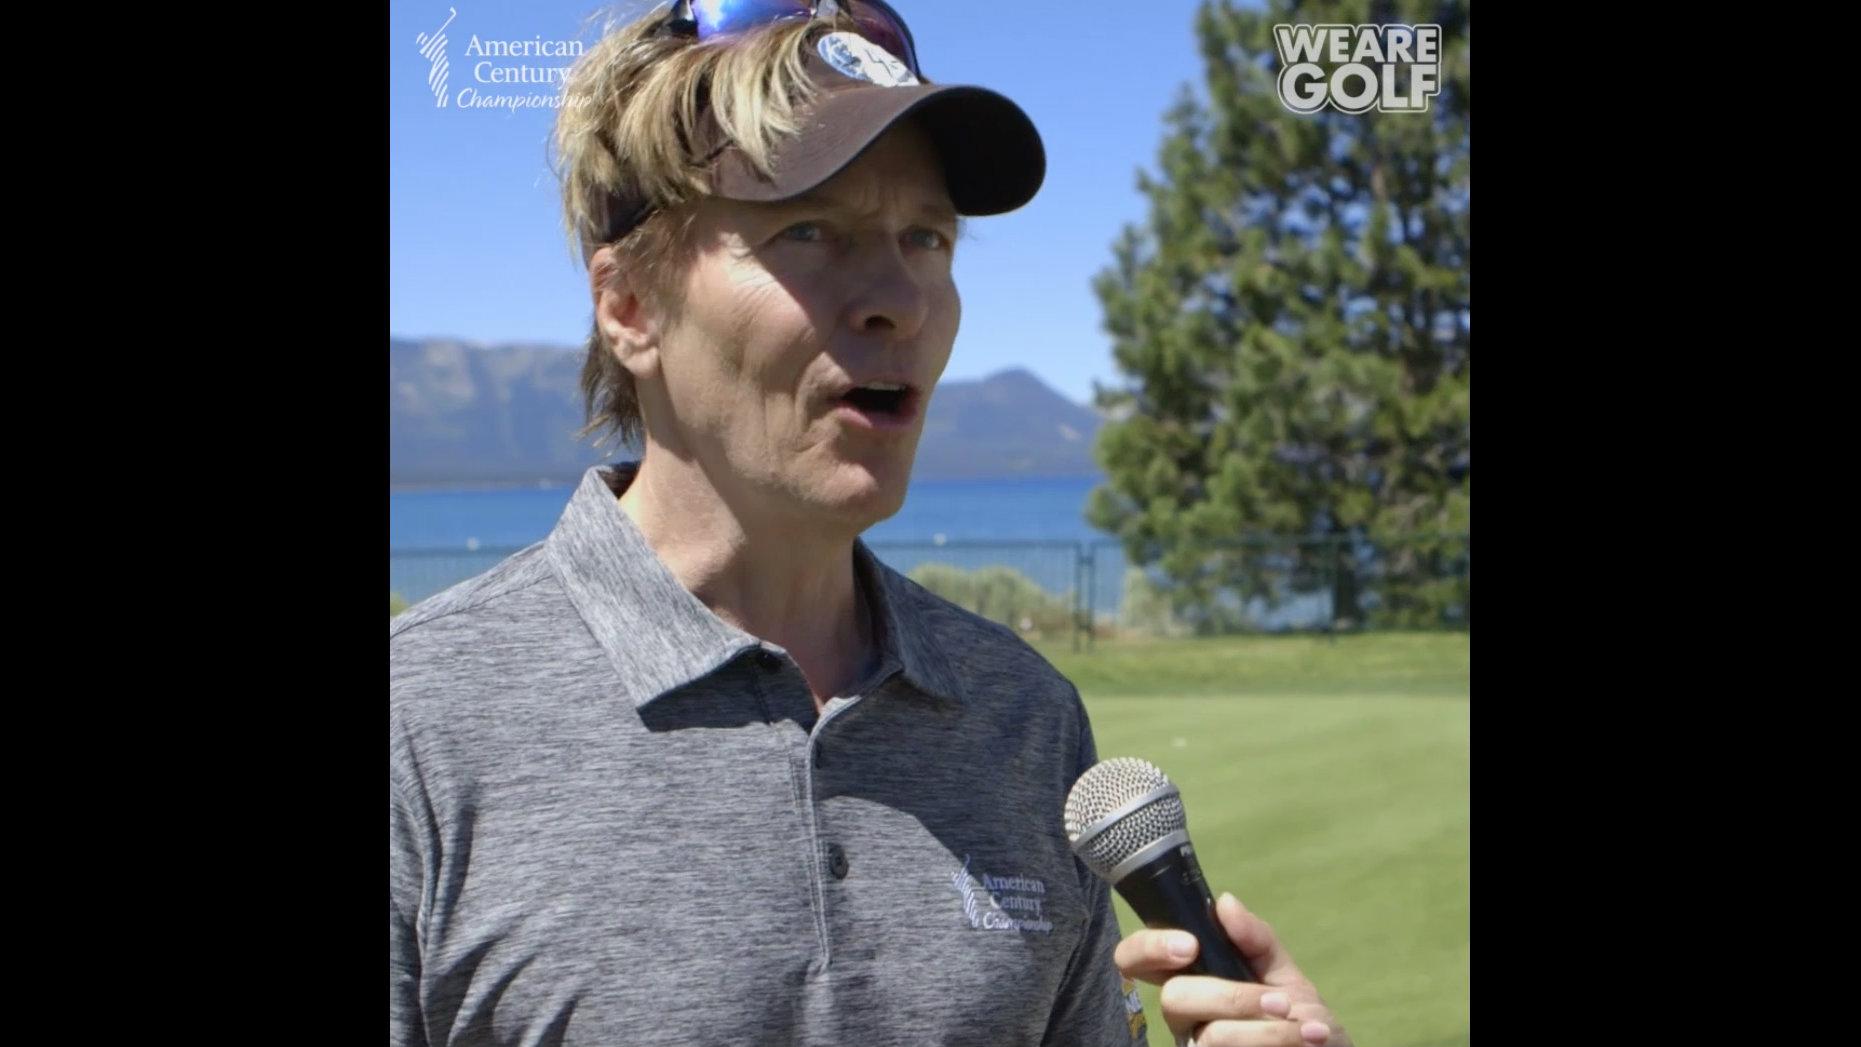 http://golfchannel-a.akamaihd.net/ramp/108/691/jack-wagner-16x9.jpg